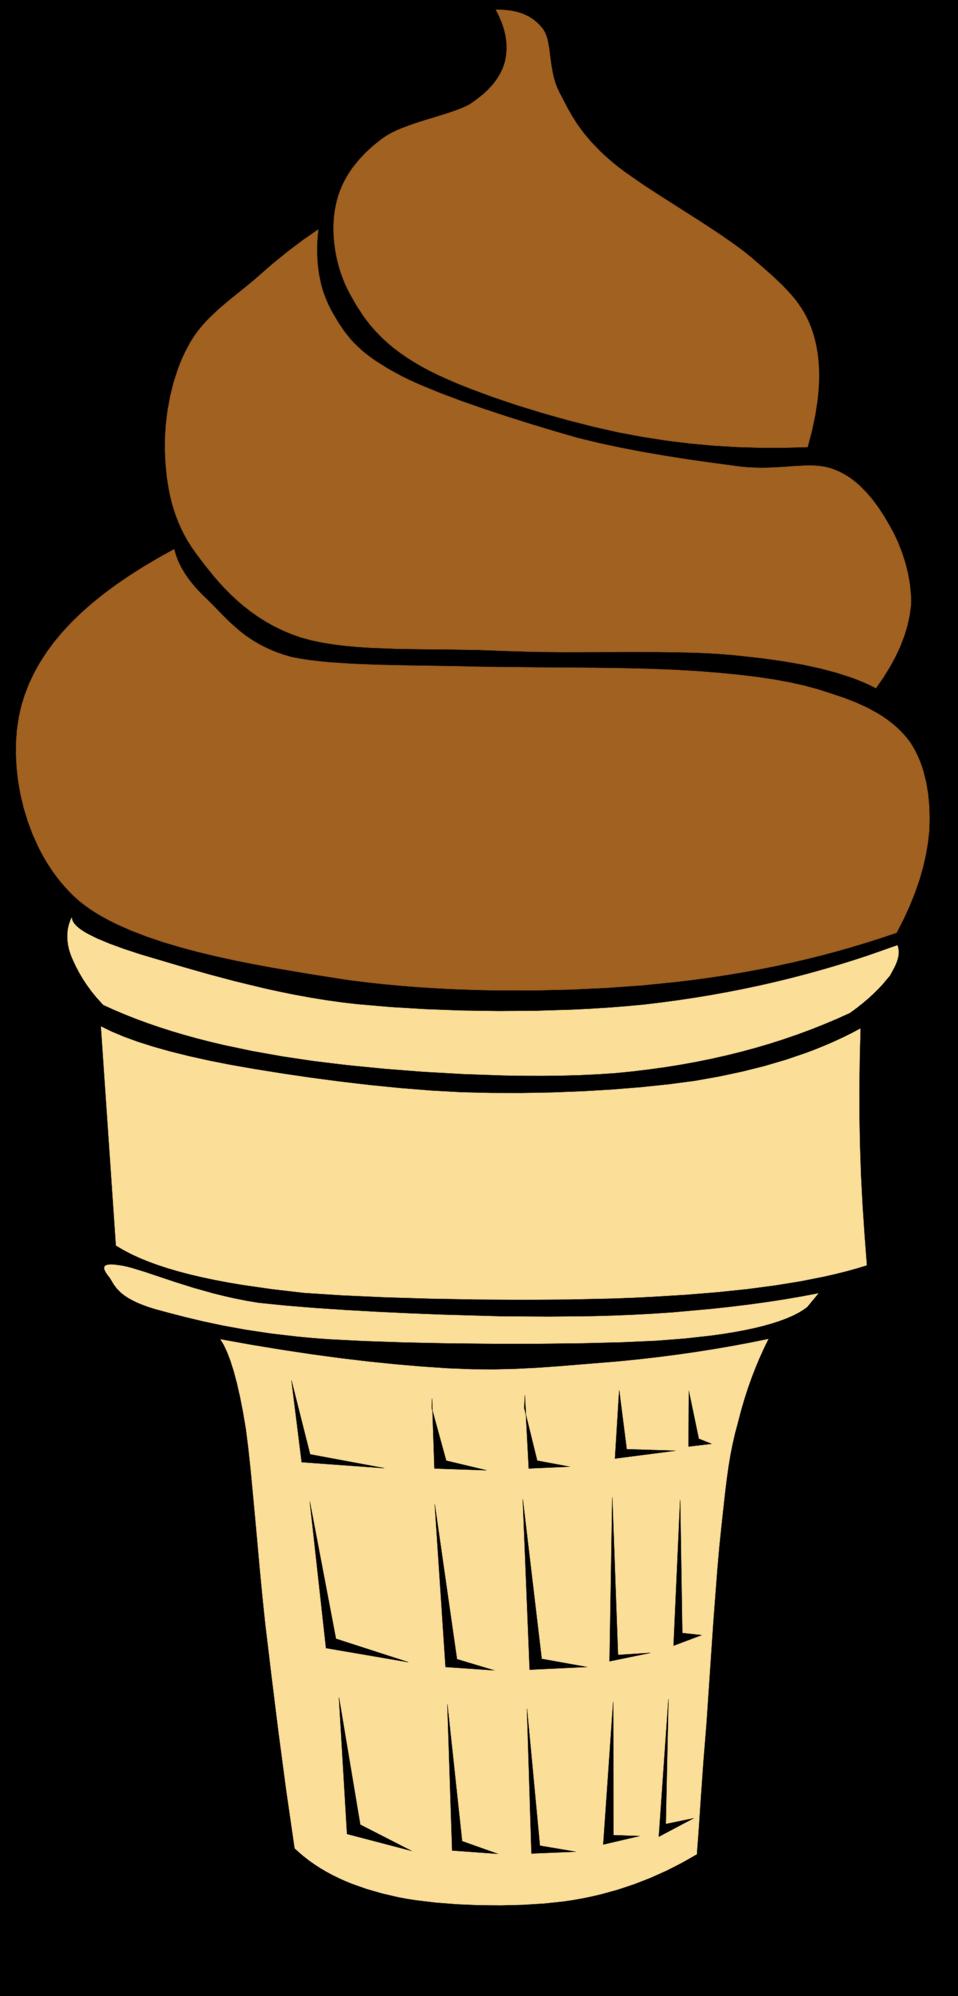 public domain clip art image fast food desserts ice cream cones rh publicdomainfiles com desert clip art images desserts clipart black and white